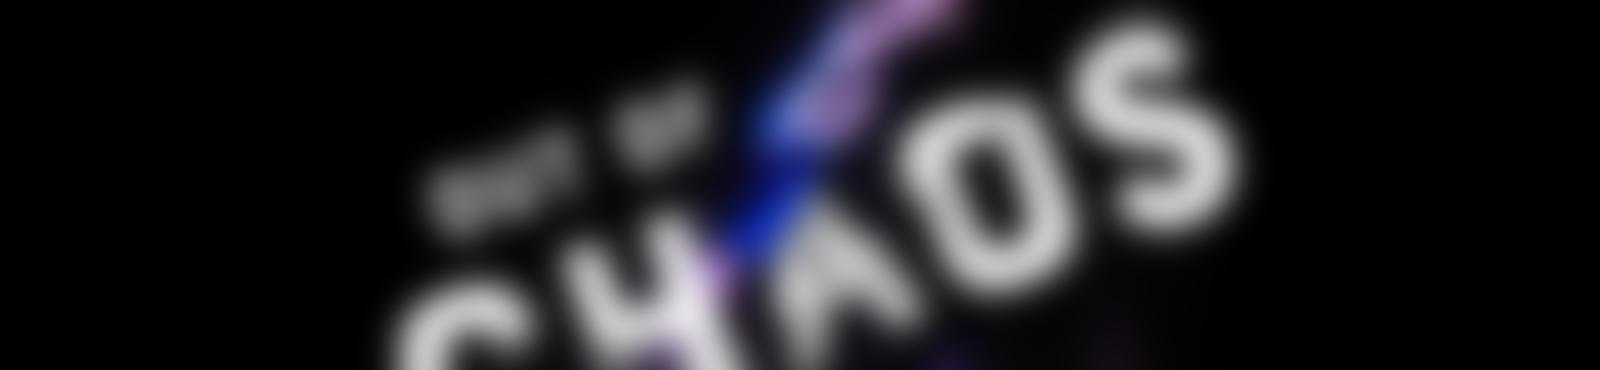 Blurred 36e84d56 b18d 4f36 b8e8 5ef4d62eab69